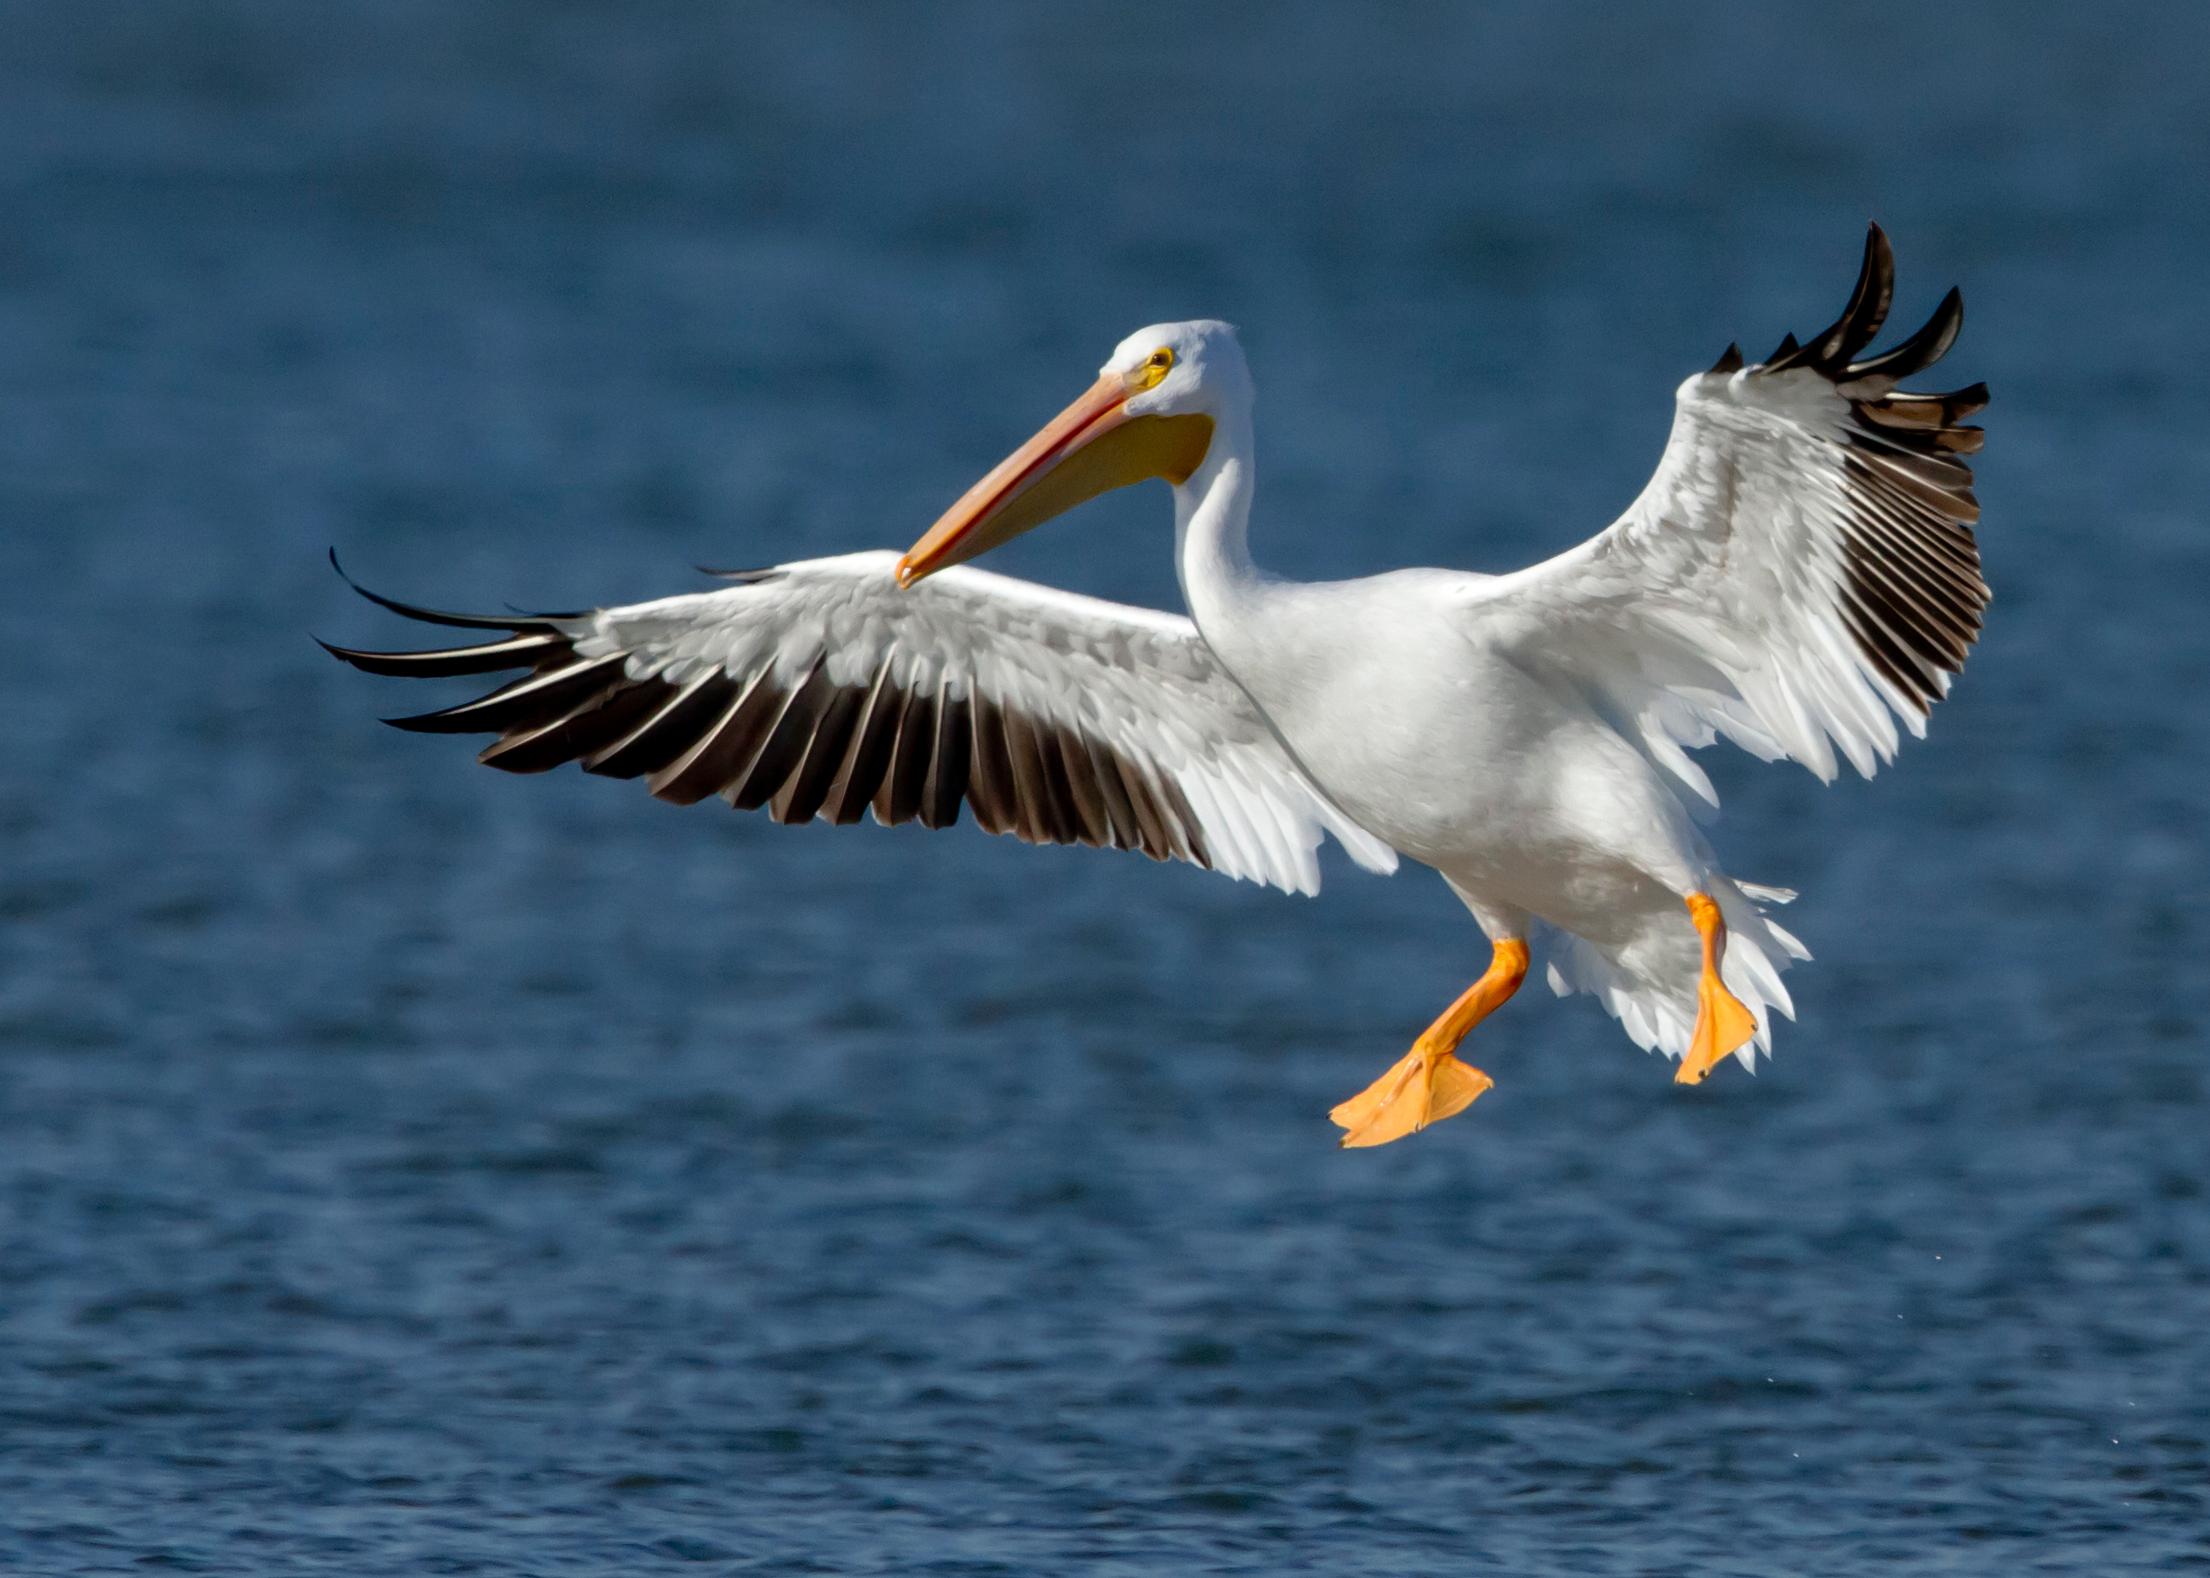 American white pelican - Wikipedia